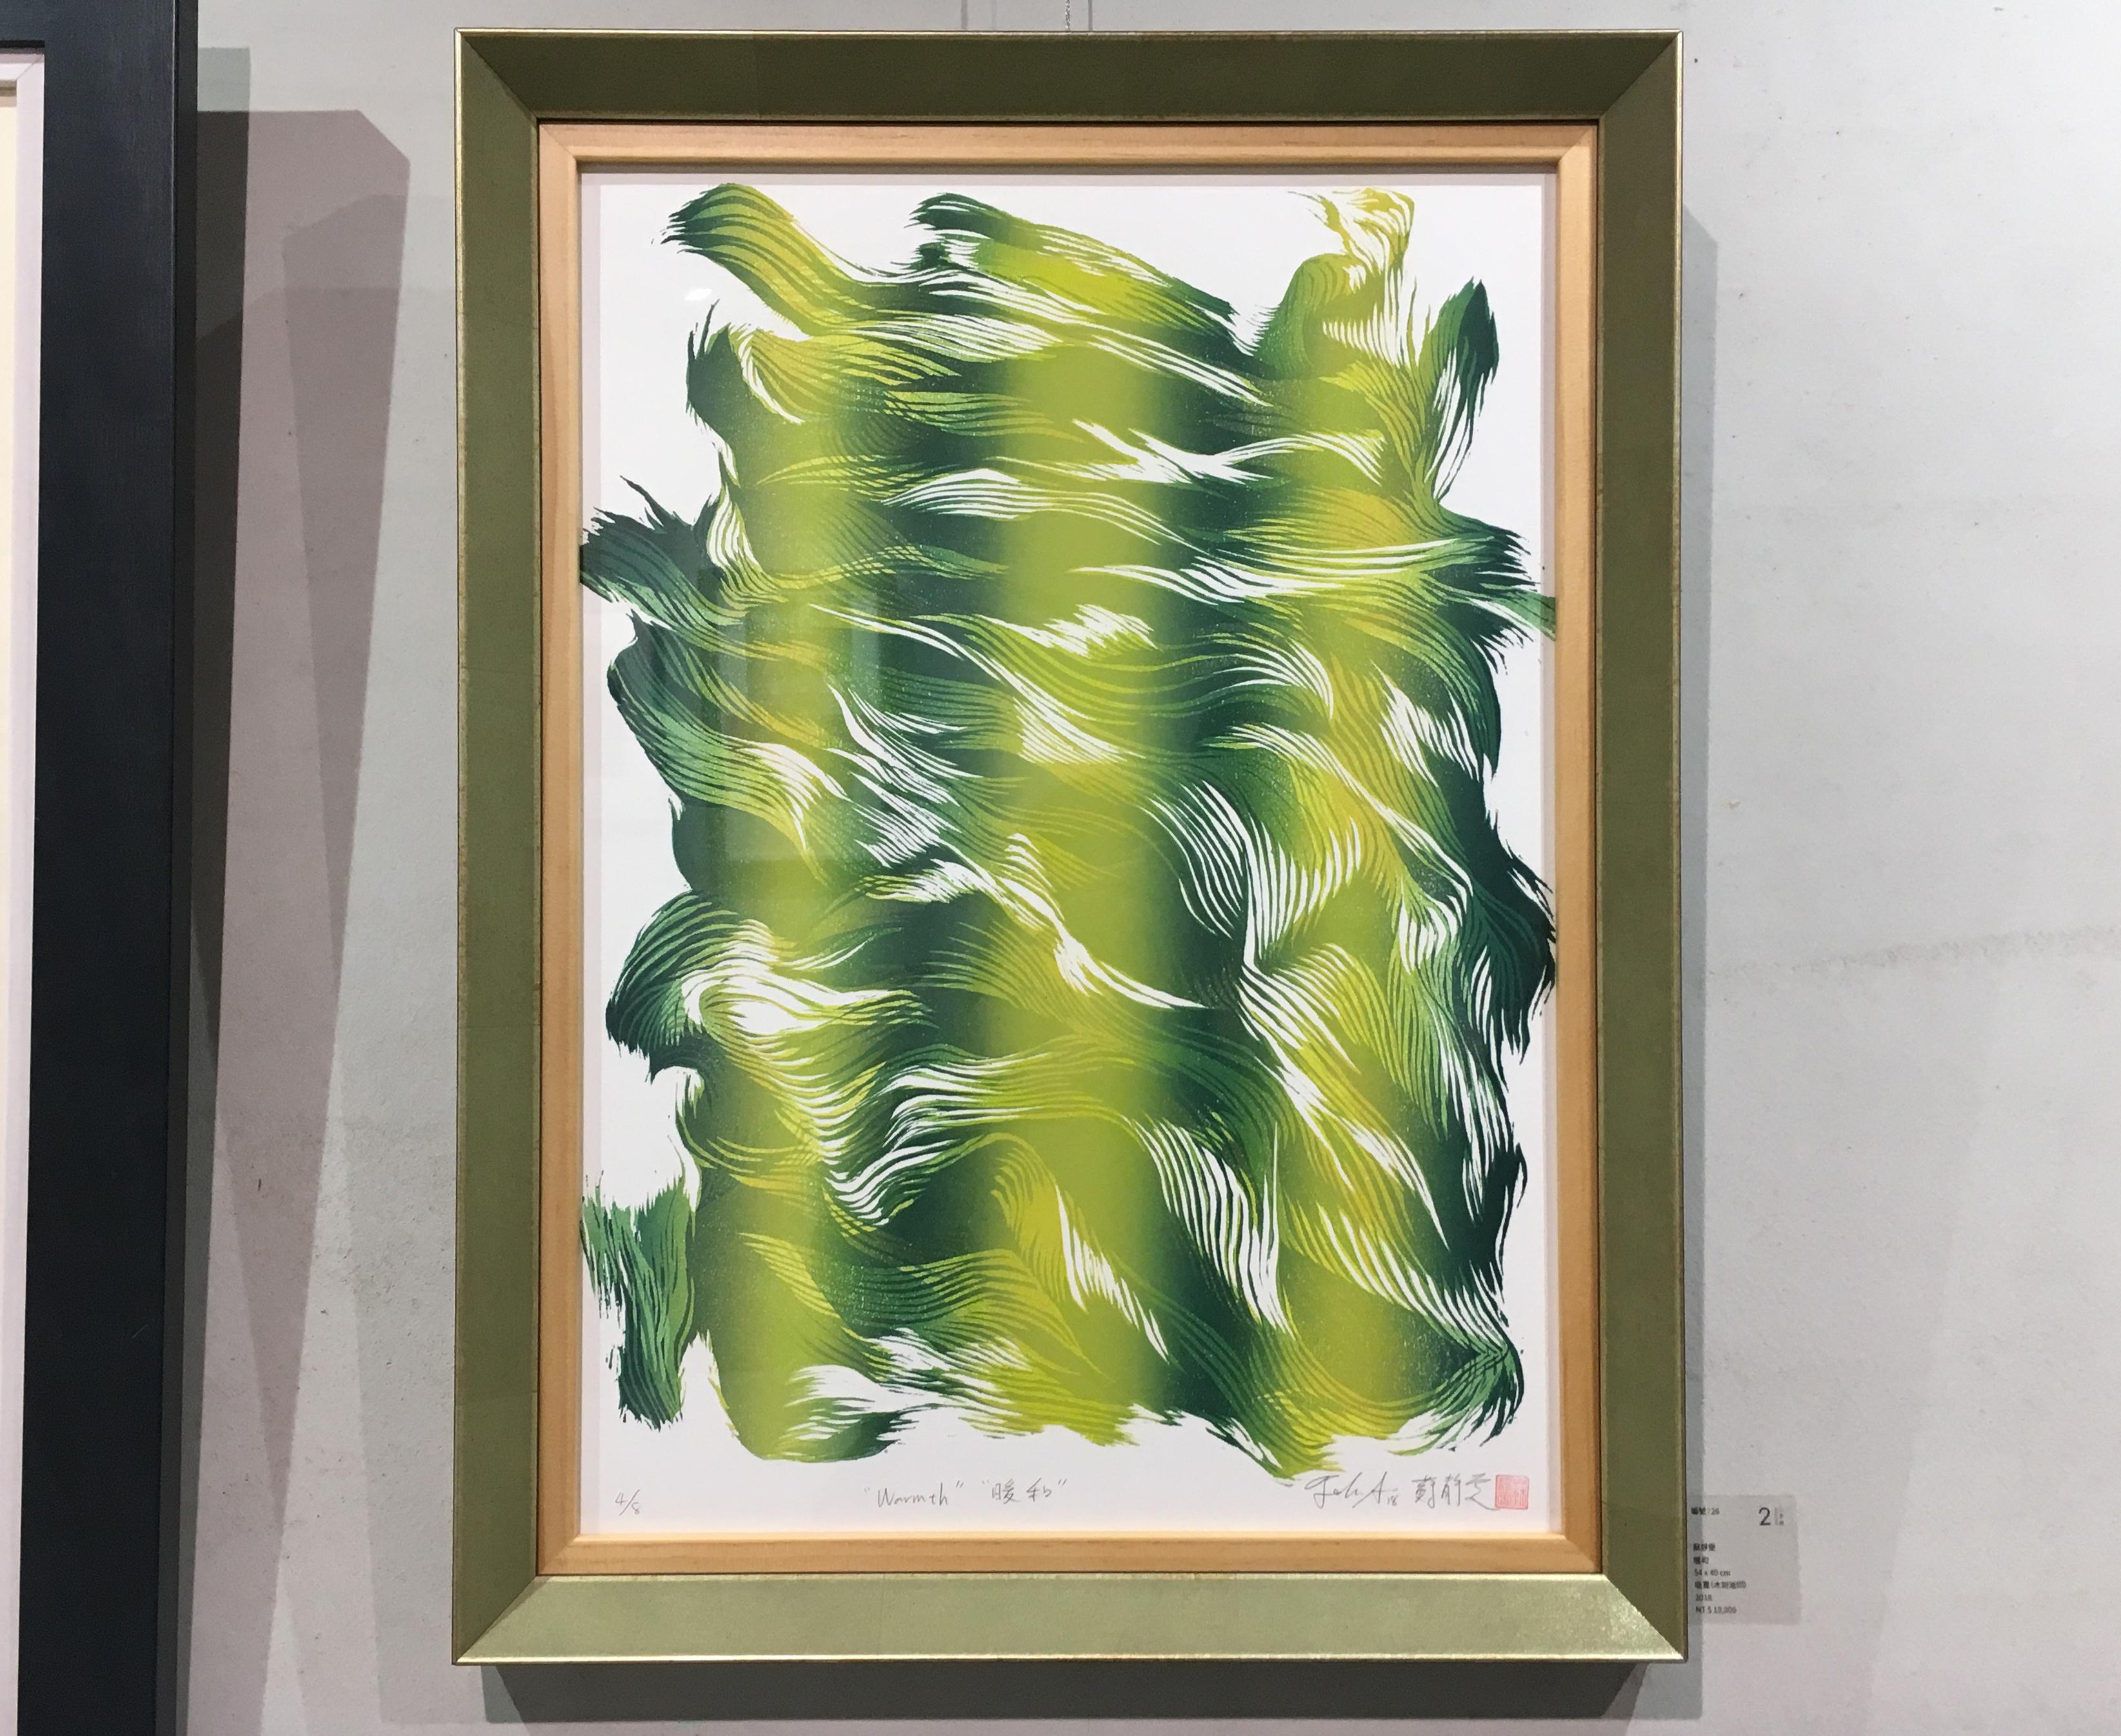 蘇靜雯,《暖和》,54 X 40 cm,版畫(木刻油印),2018。